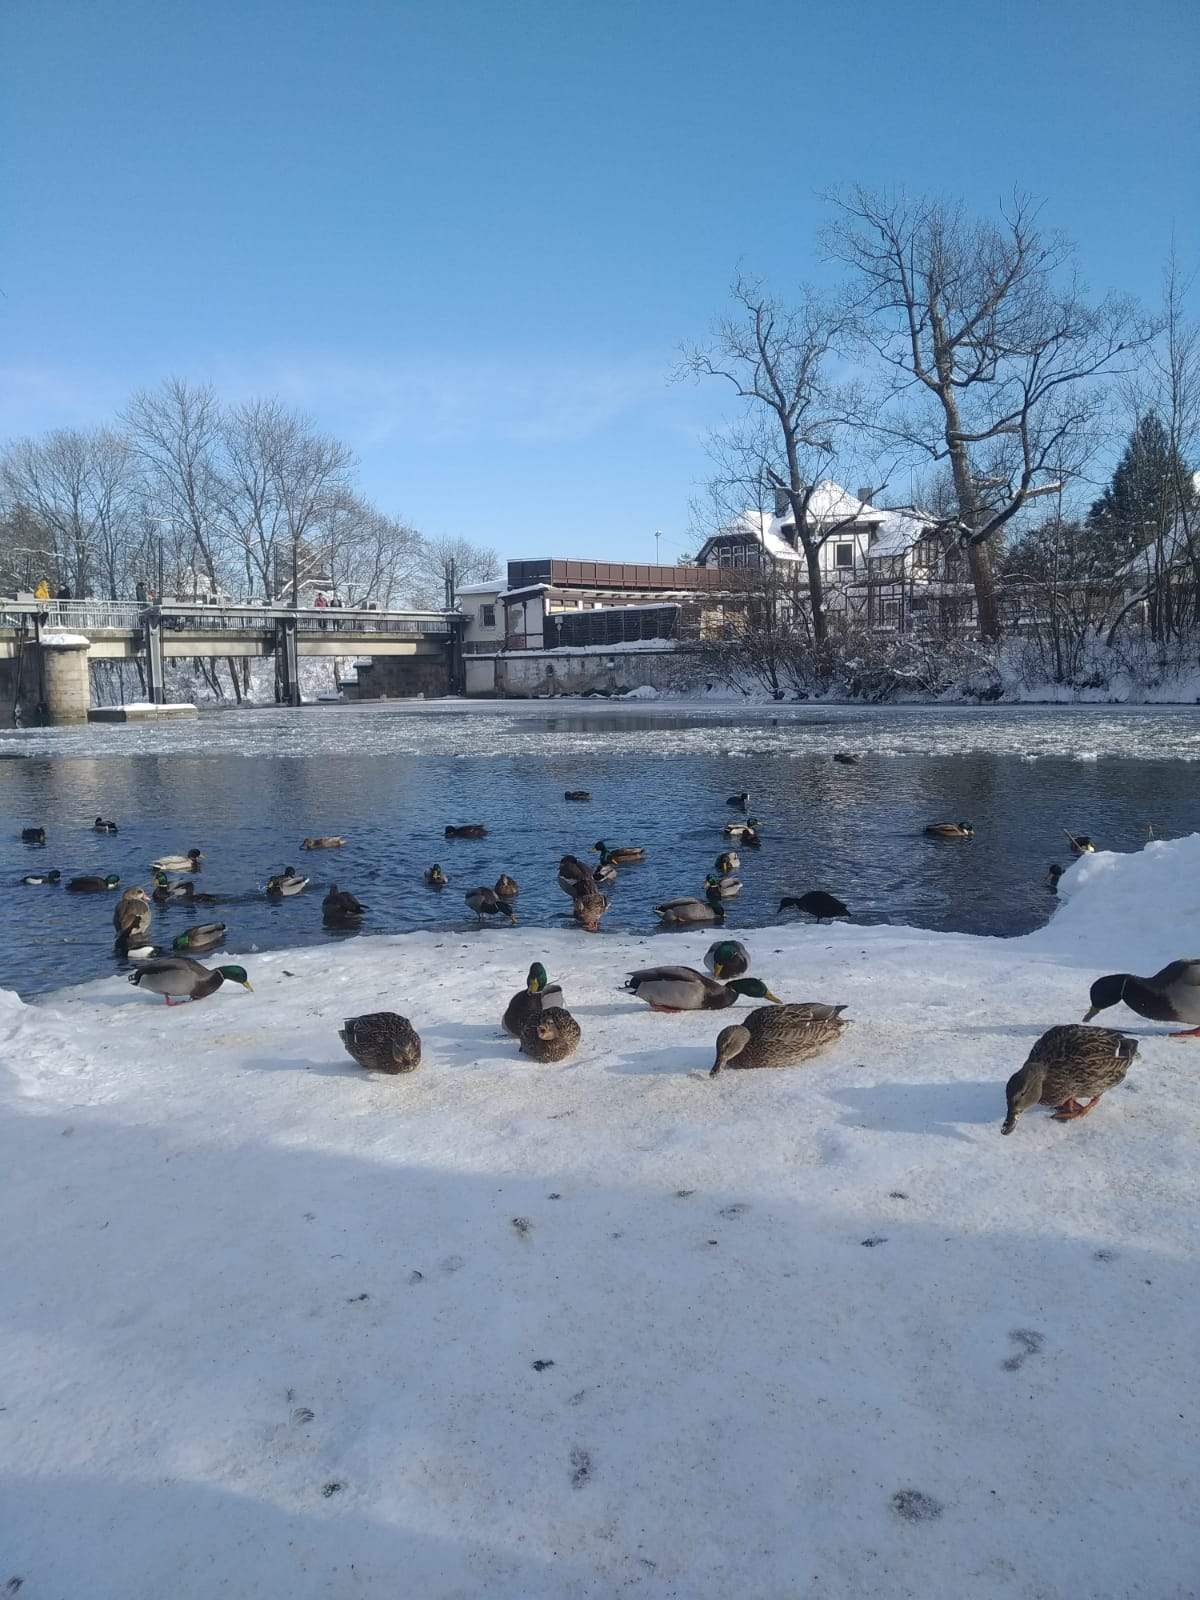 Einblicke in den Winterlockdown